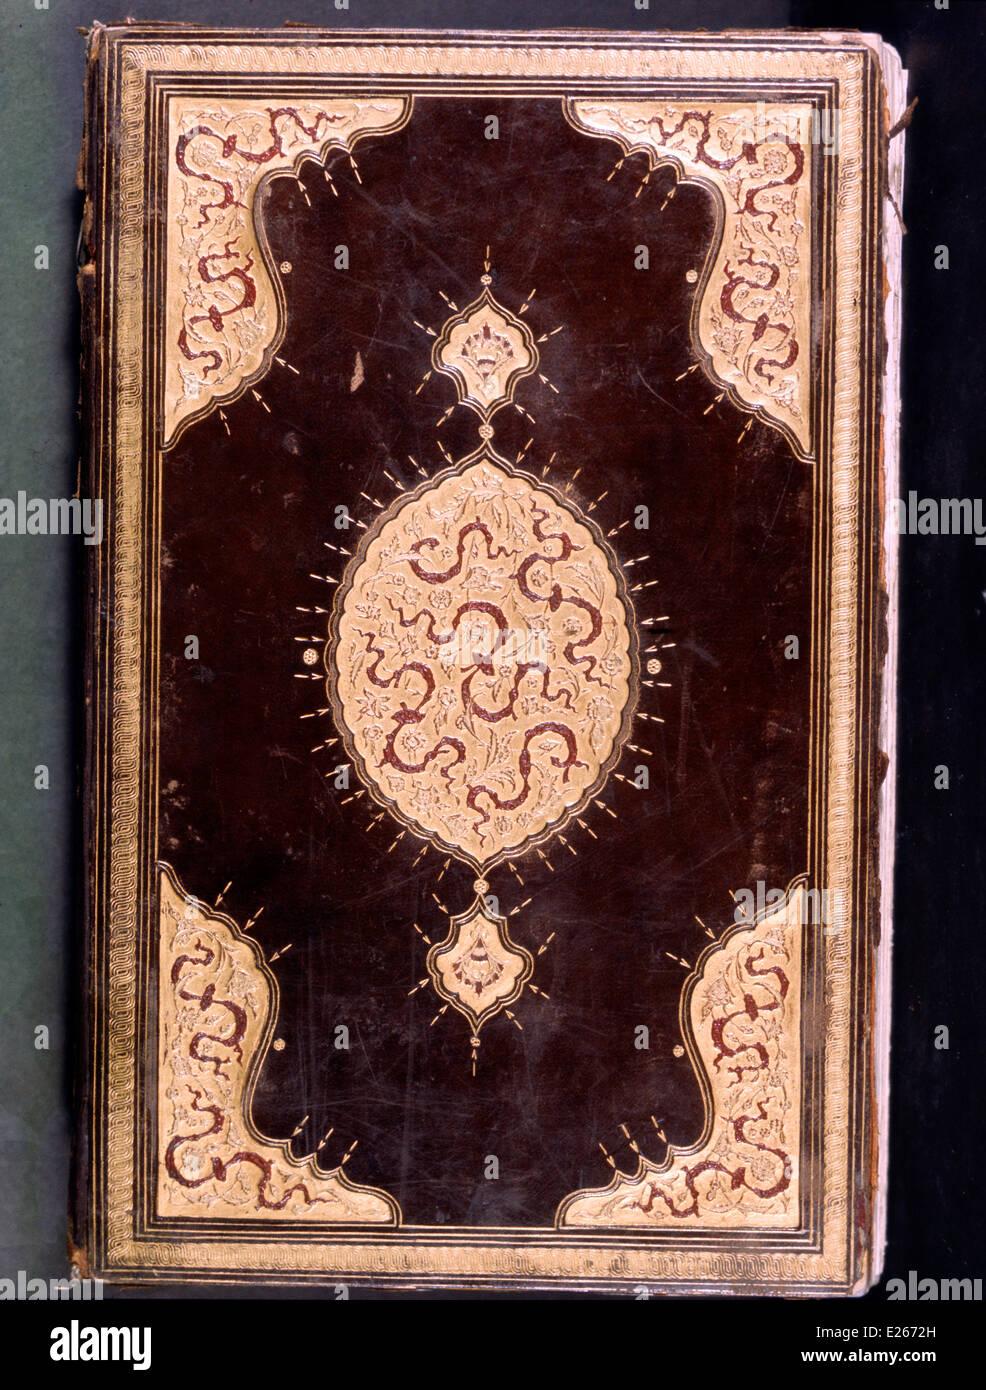 Manuscrito de las hazañas de Solimán el Magnífico,siglo xvi,Estambul,topkapi Imagen De Stock